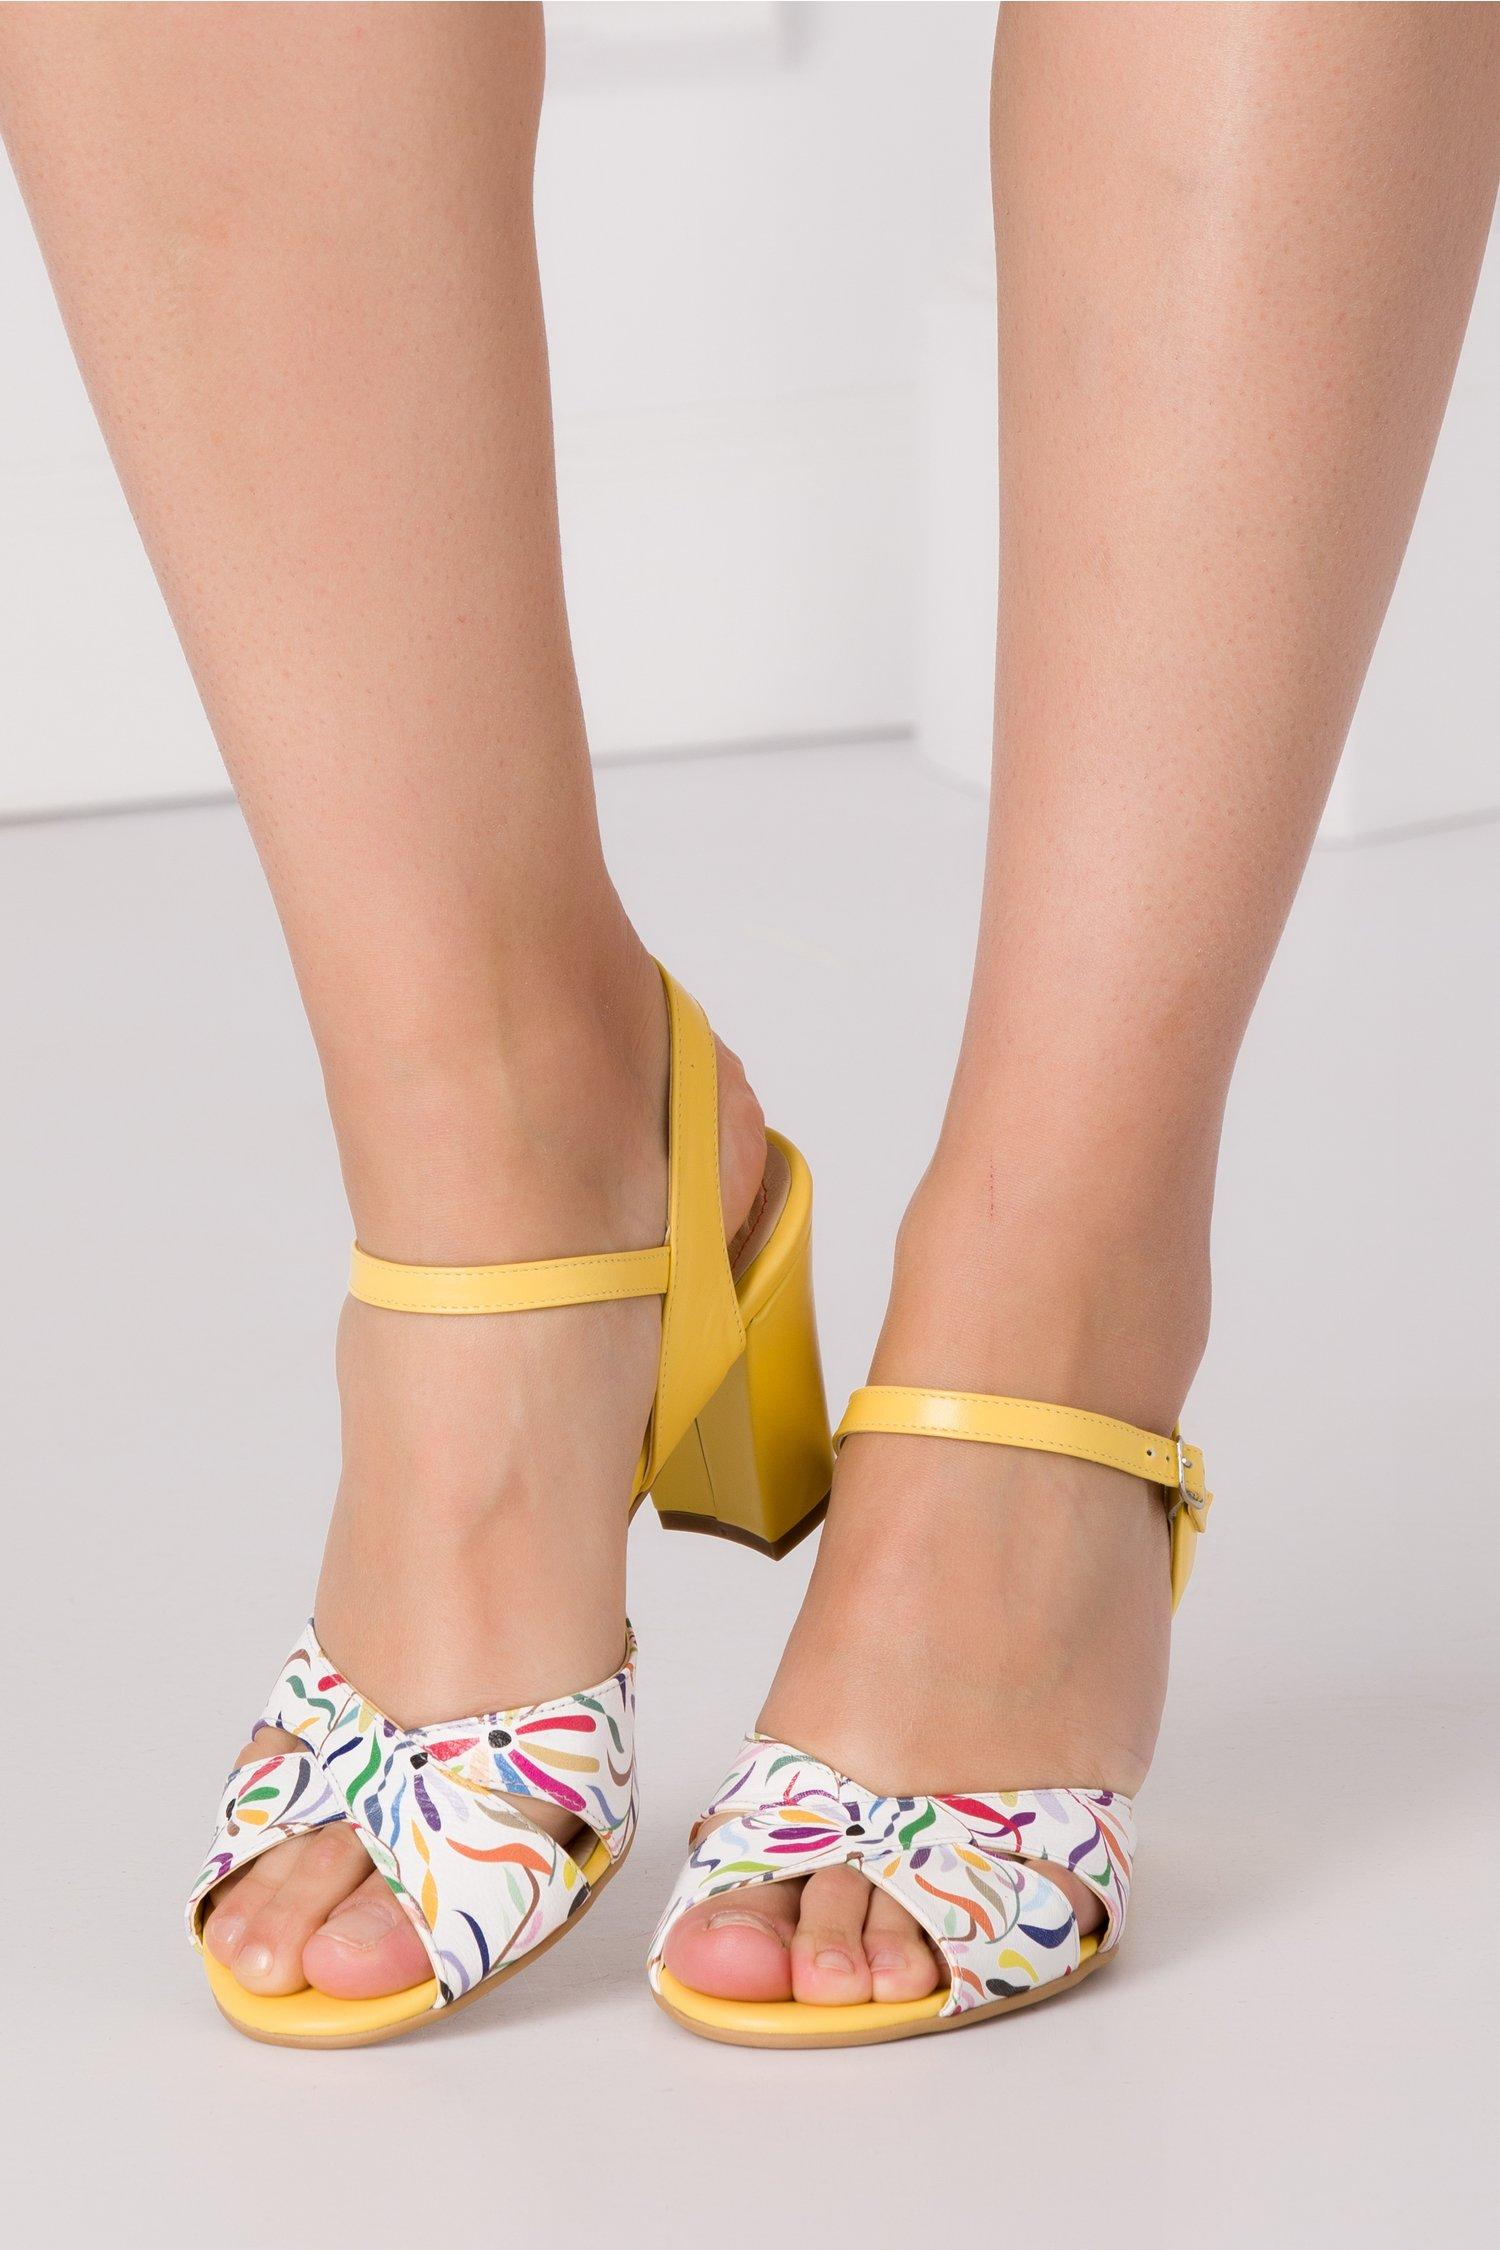 Sandale galbene cu benzi albe incrucisate in fata